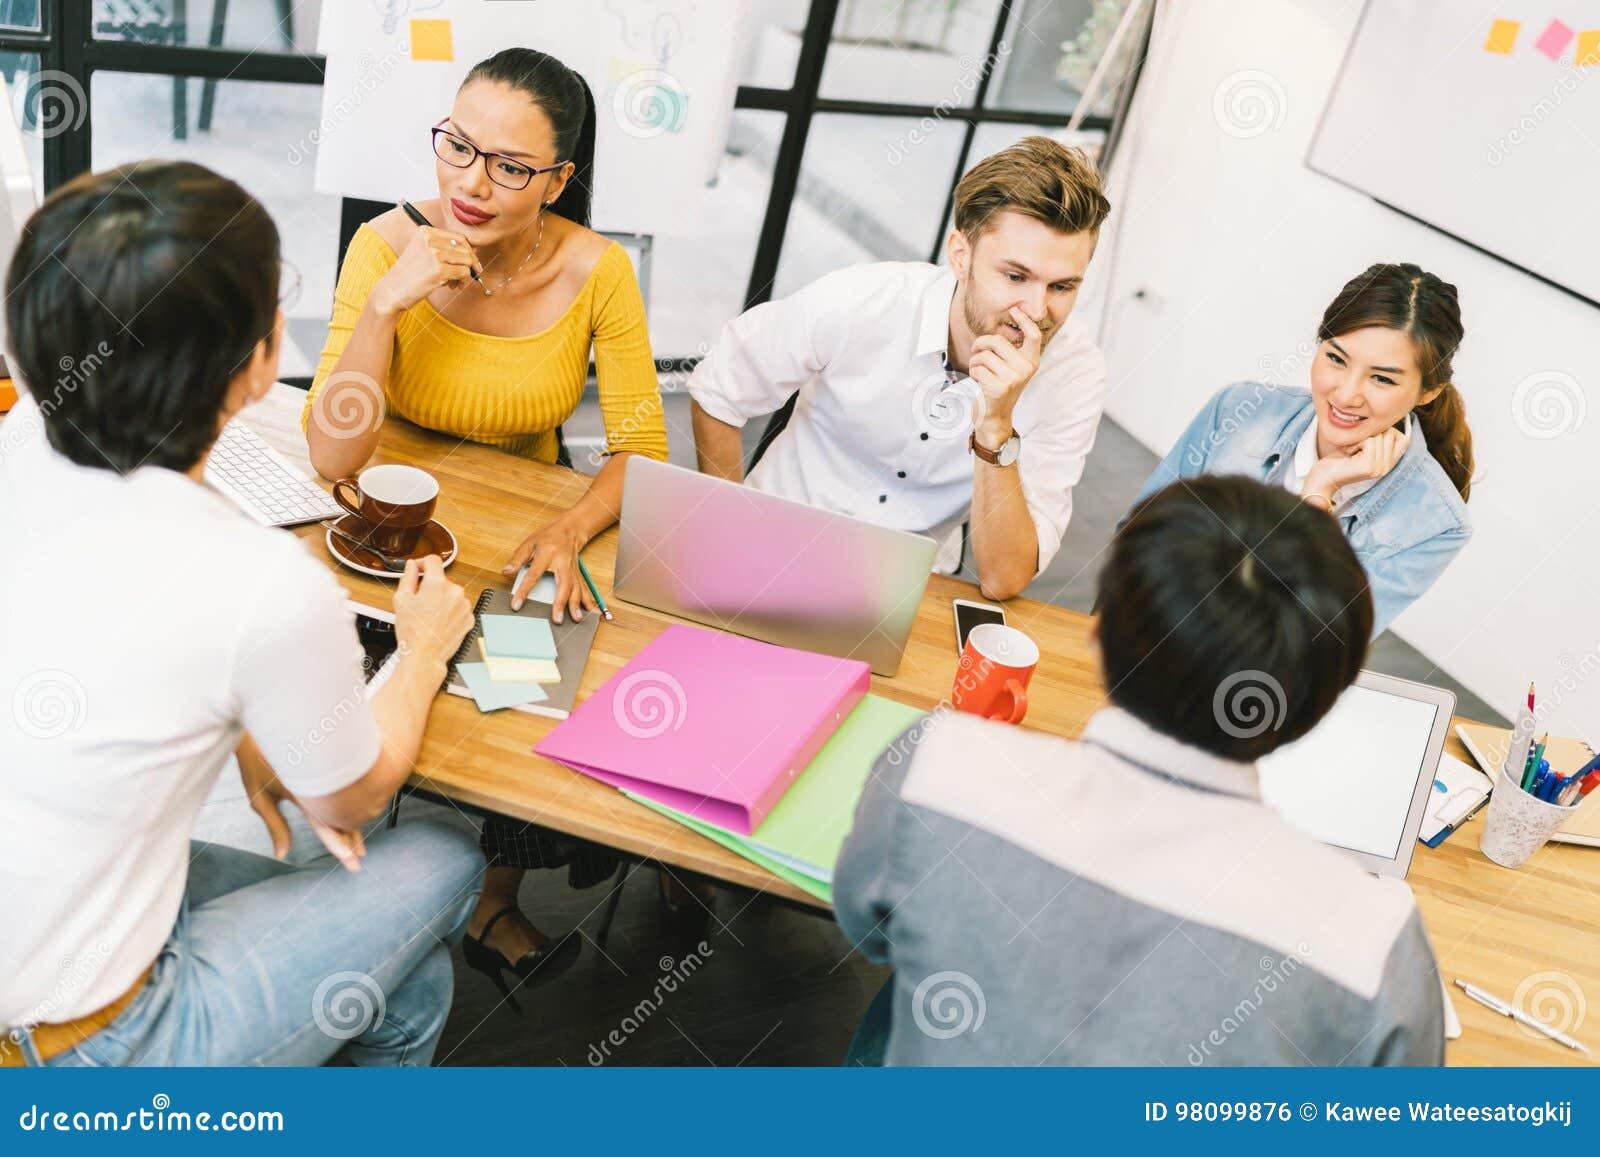 Grupo de personas diverso multiétnico en el trabajo Equipo creativo, compañero de trabajo casual del negocio, o estudiantes unive